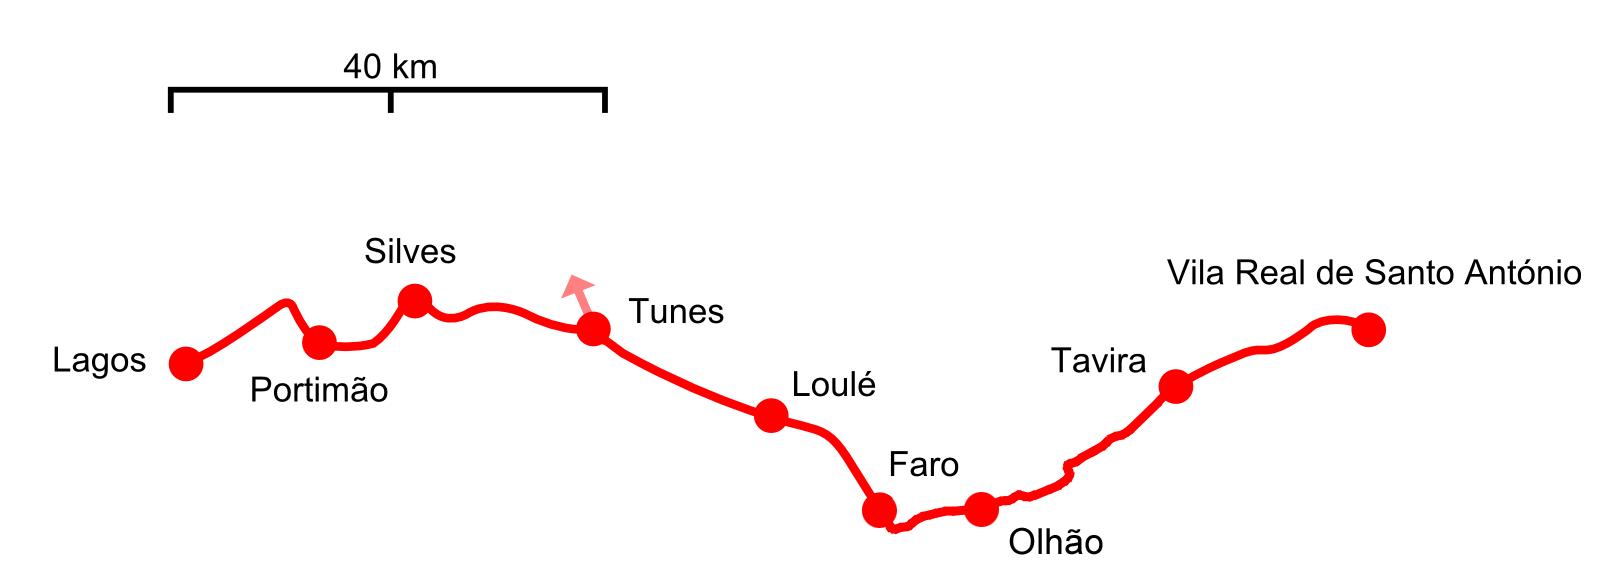 mapa digital algarve Ficheiro:Mapa da Linha do Algarve.png – Wikipédia, a enciclopédia  mapa digital algarve